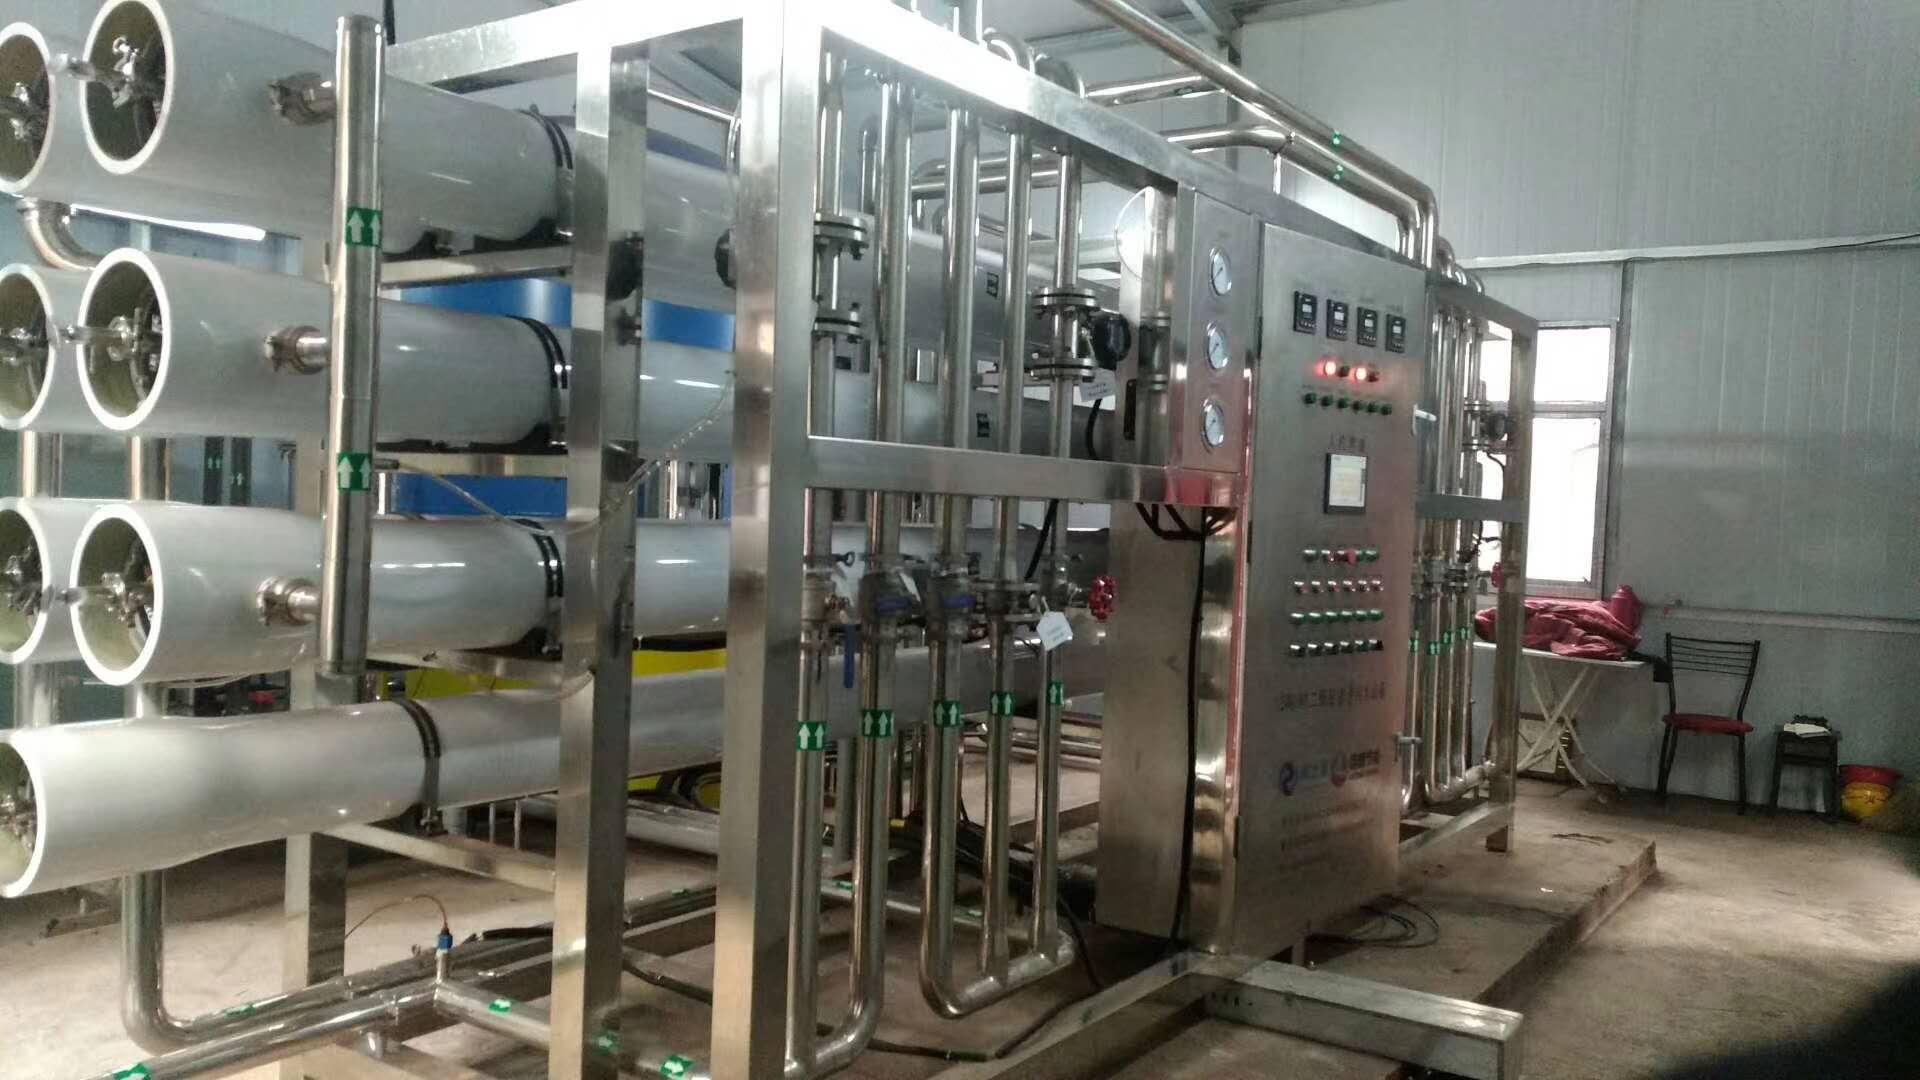 大型反渗透设备|东莞水处理设备生产厂家 质量保证